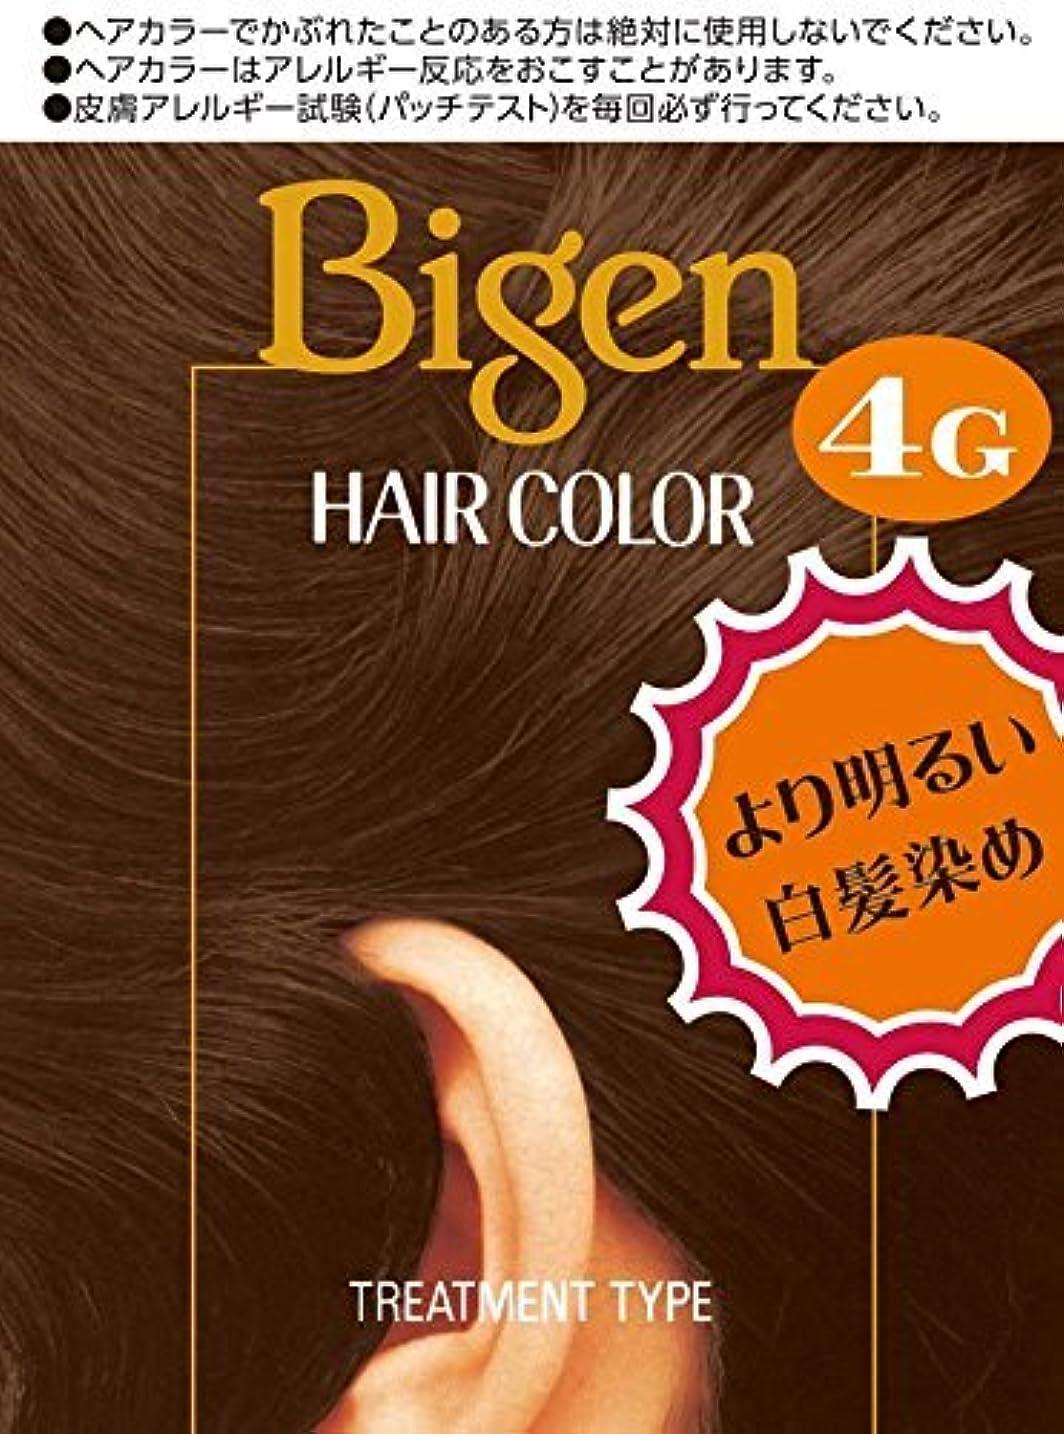 新しさジョセフバンクス代わりにホーユー ビゲン ヘアカラー 4G (自然な栗色) 40mL+40mL ×6個